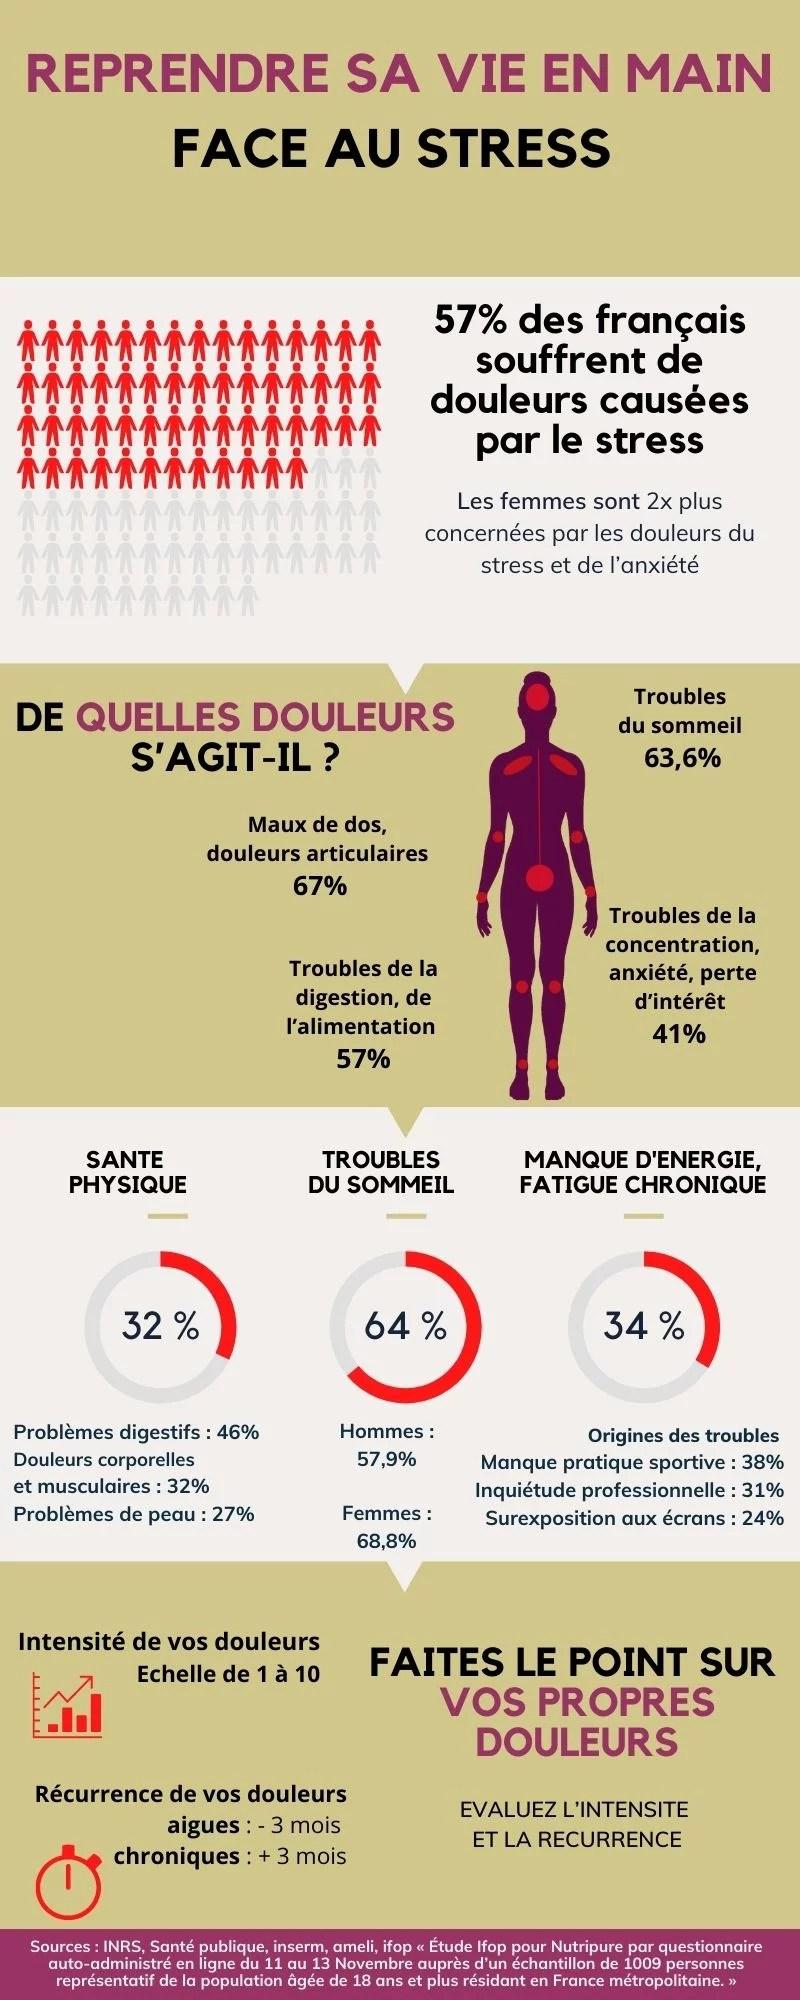 douleur en france infographie 1